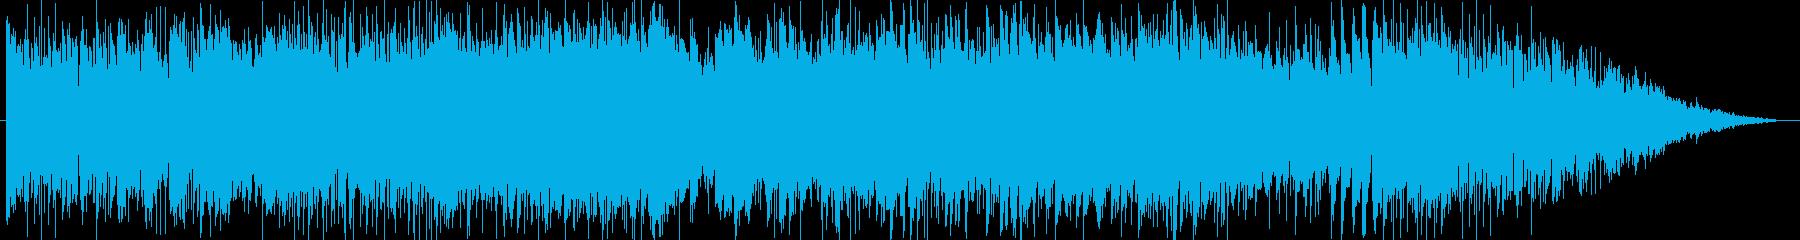 疾走感抜群のピアノトリオの再生済みの波形